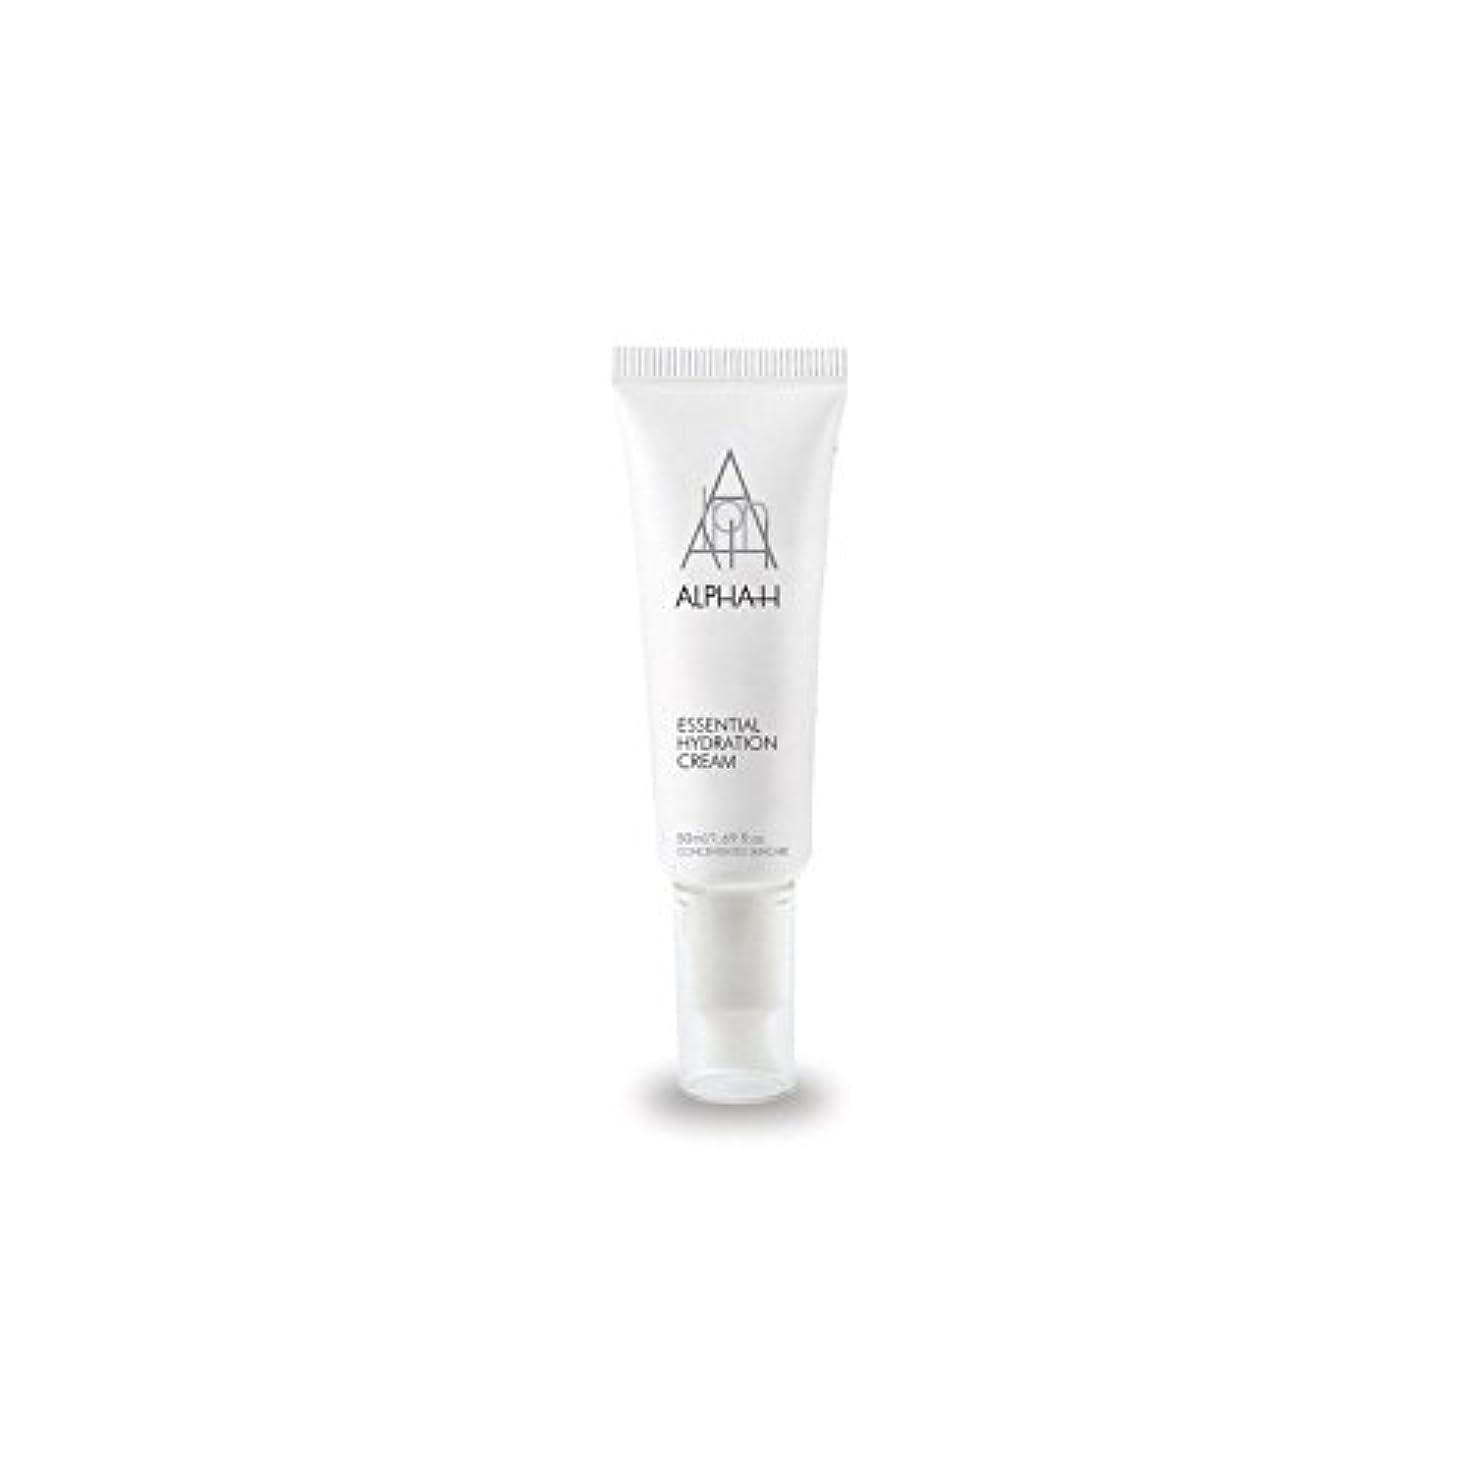 スチュワーデス司教消防士アルファ必須水和クリーム(50)中 x2 - Alpha-H Essential Hydration Cream (50ml) (Pack of 2) [並行輸入品]